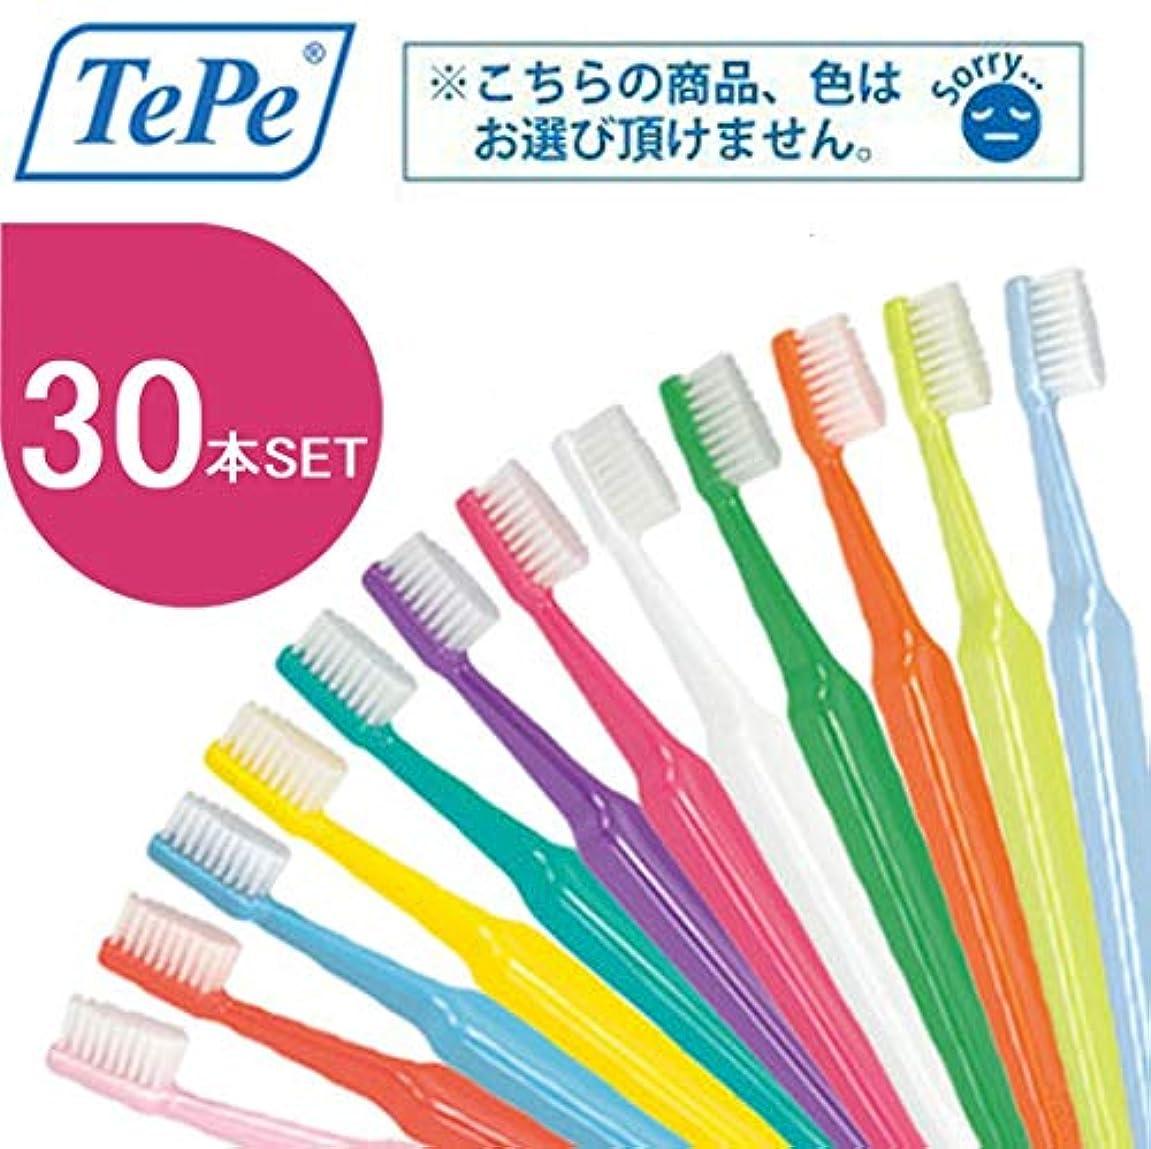 混乱させる明るい愛情深いクロスフィールド TePe テペ セレクト 歯ブラシ 30本 (ソフト)